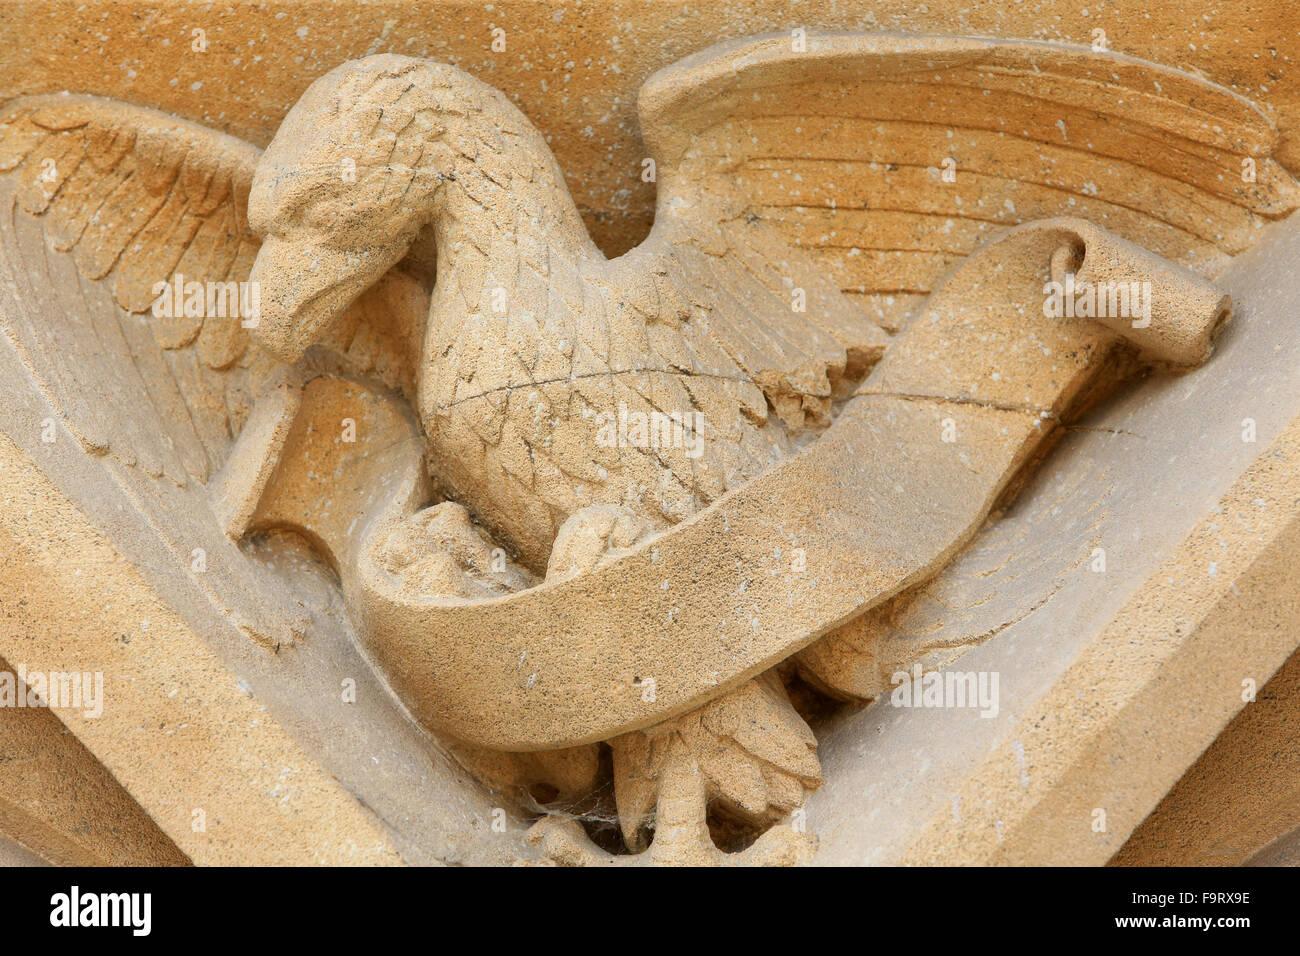 Symbolische Darstellung. Der Adler oder Intuition des Lichts. Portal der Jungfrau Maria. 13. Jahrhundert. Gothic. Stockbild